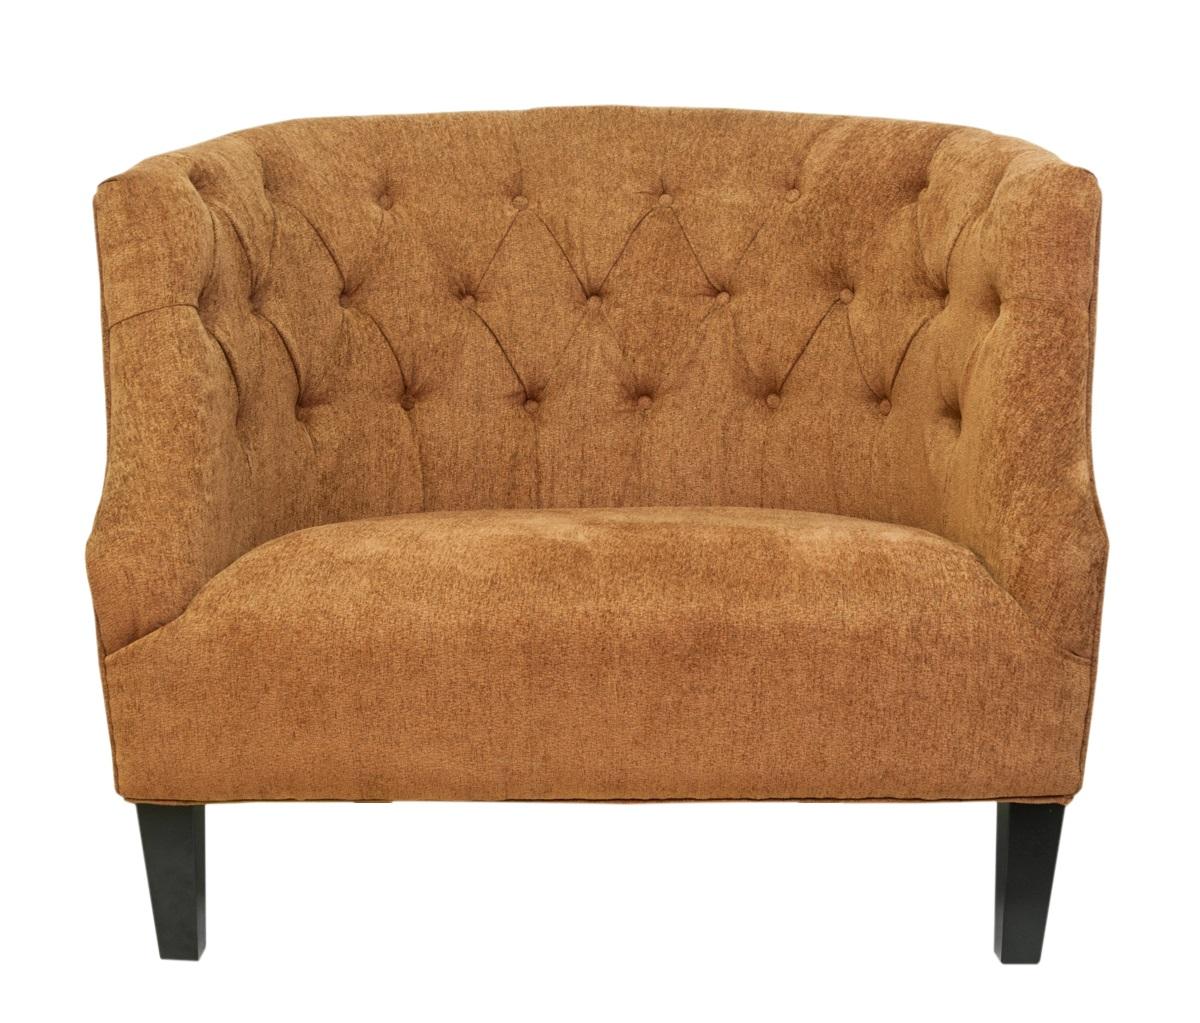 Широкое кресло SolioИнтерьерные кресла<br>Широкое кресло Solio покоряет своей волнистой спинкой и ее эффектной каретной стяжкой. Лаконичное и уютное, оно создаст спокойную и комфортную обстановку в интерьере.&amp;amp;nbsp;<br><br>Material: Текстиль<br>Width см: 110<br>Depth см: 90<br>Height см: 93